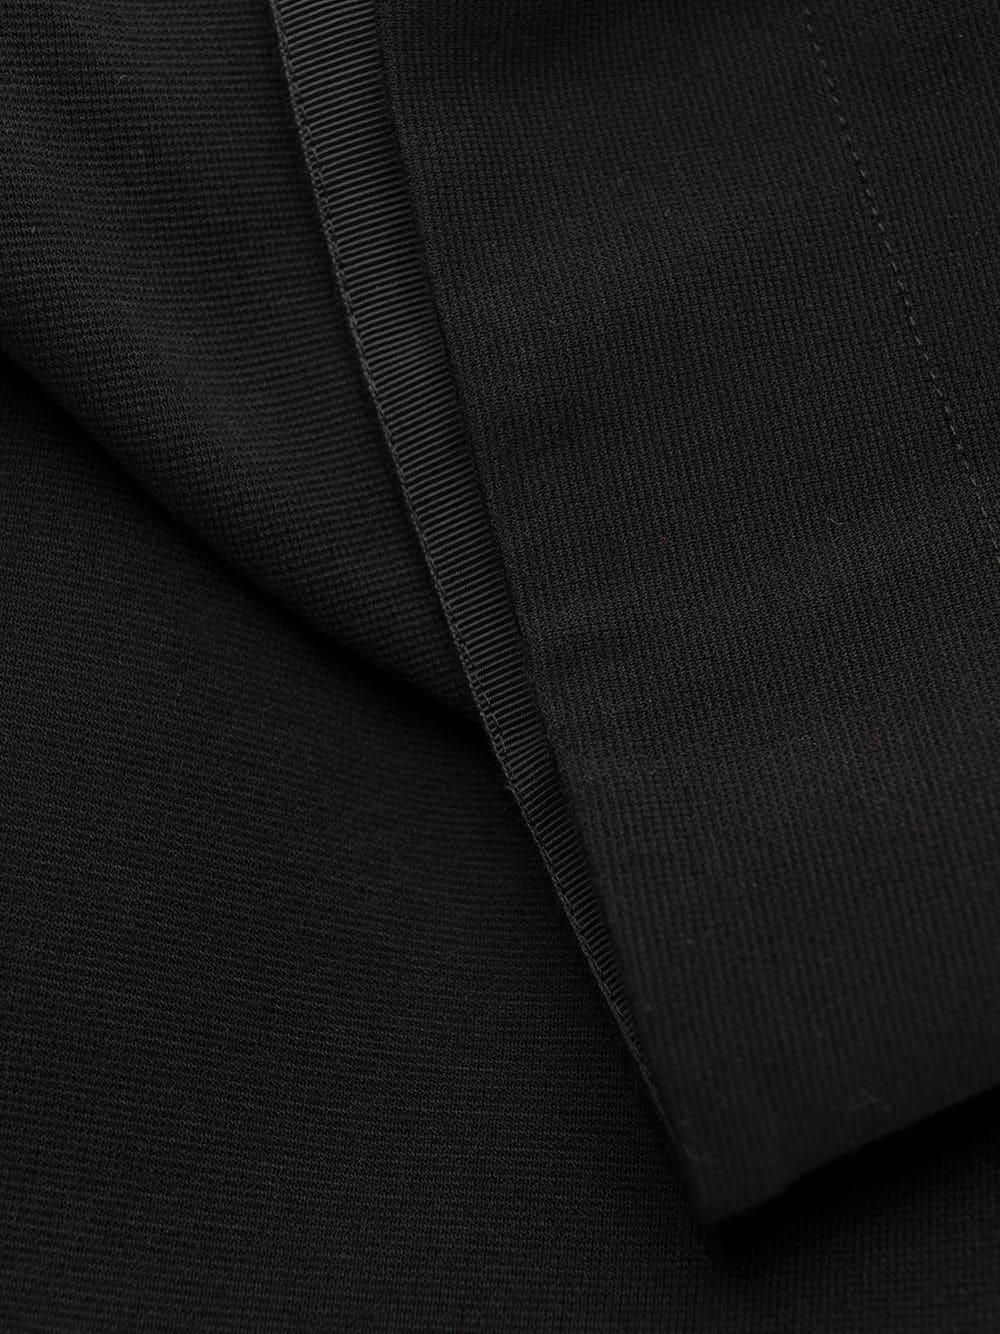 abito nero in poliammide destrutturato con scollo a V caratterizzato da bottoni decorativi dorati sulla spalla GIVENCHY | Abiti | BW20YM30J6001